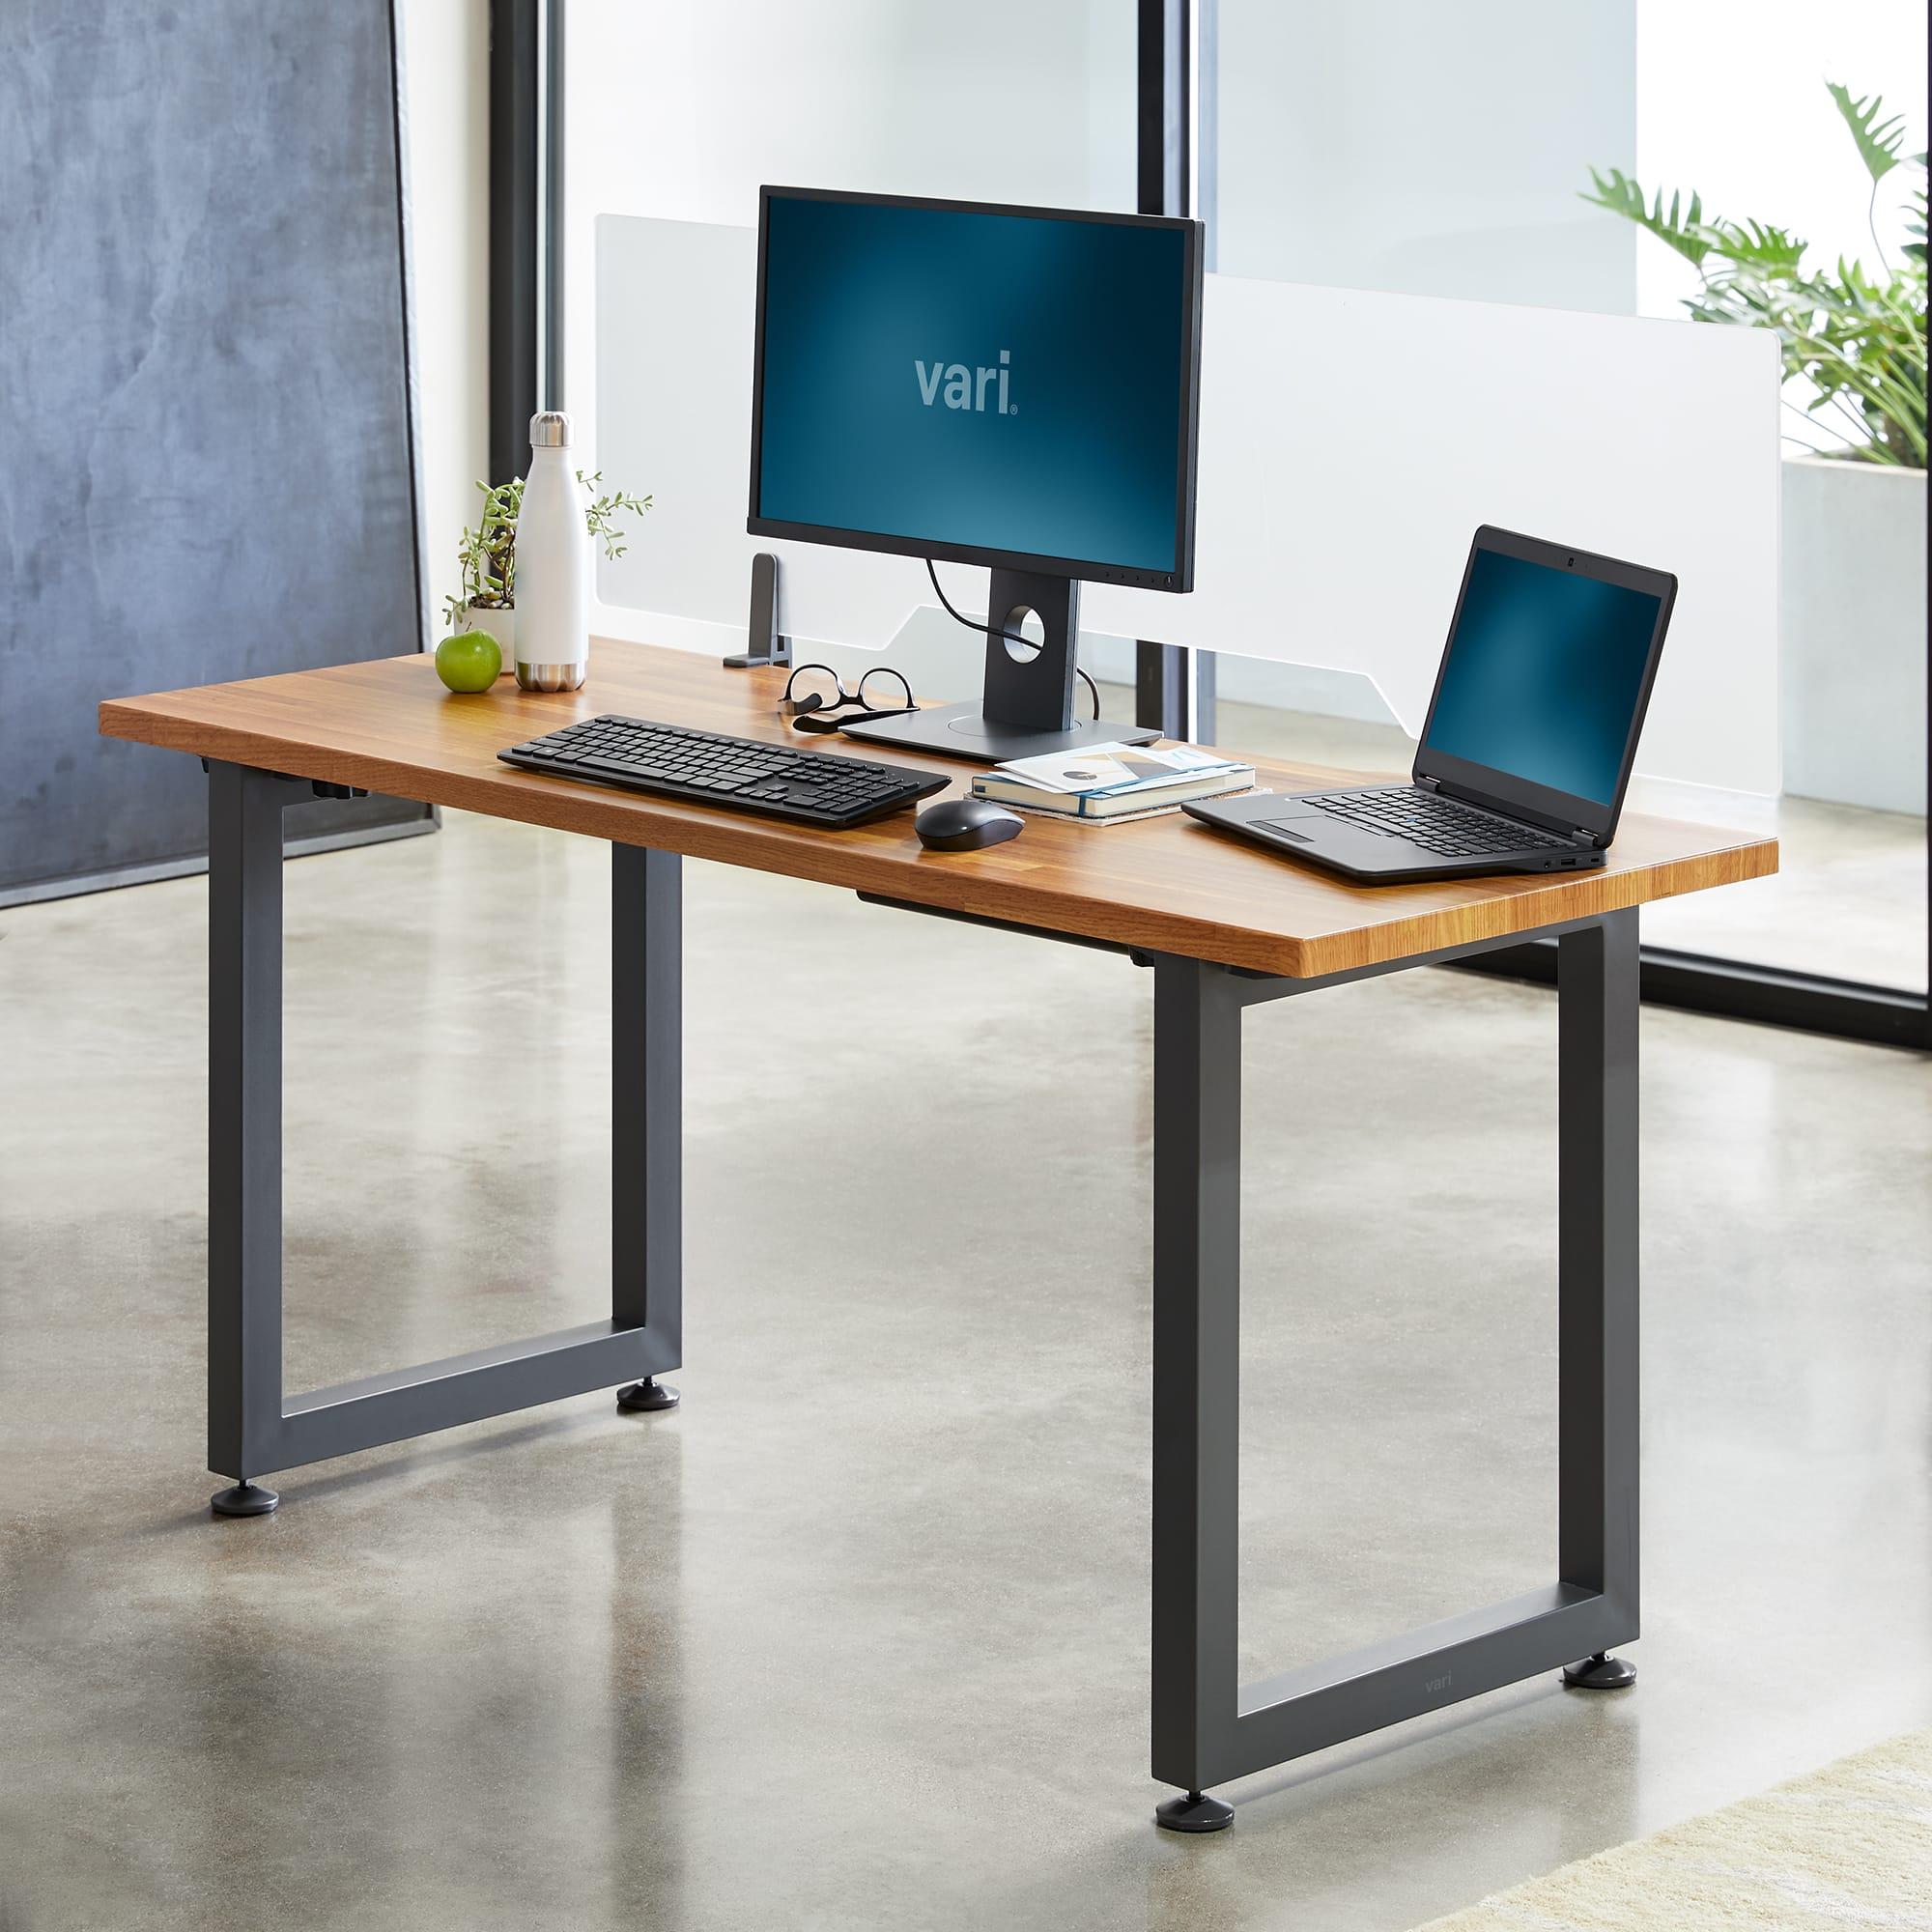 Table 46x46  Office Desks  Vari®